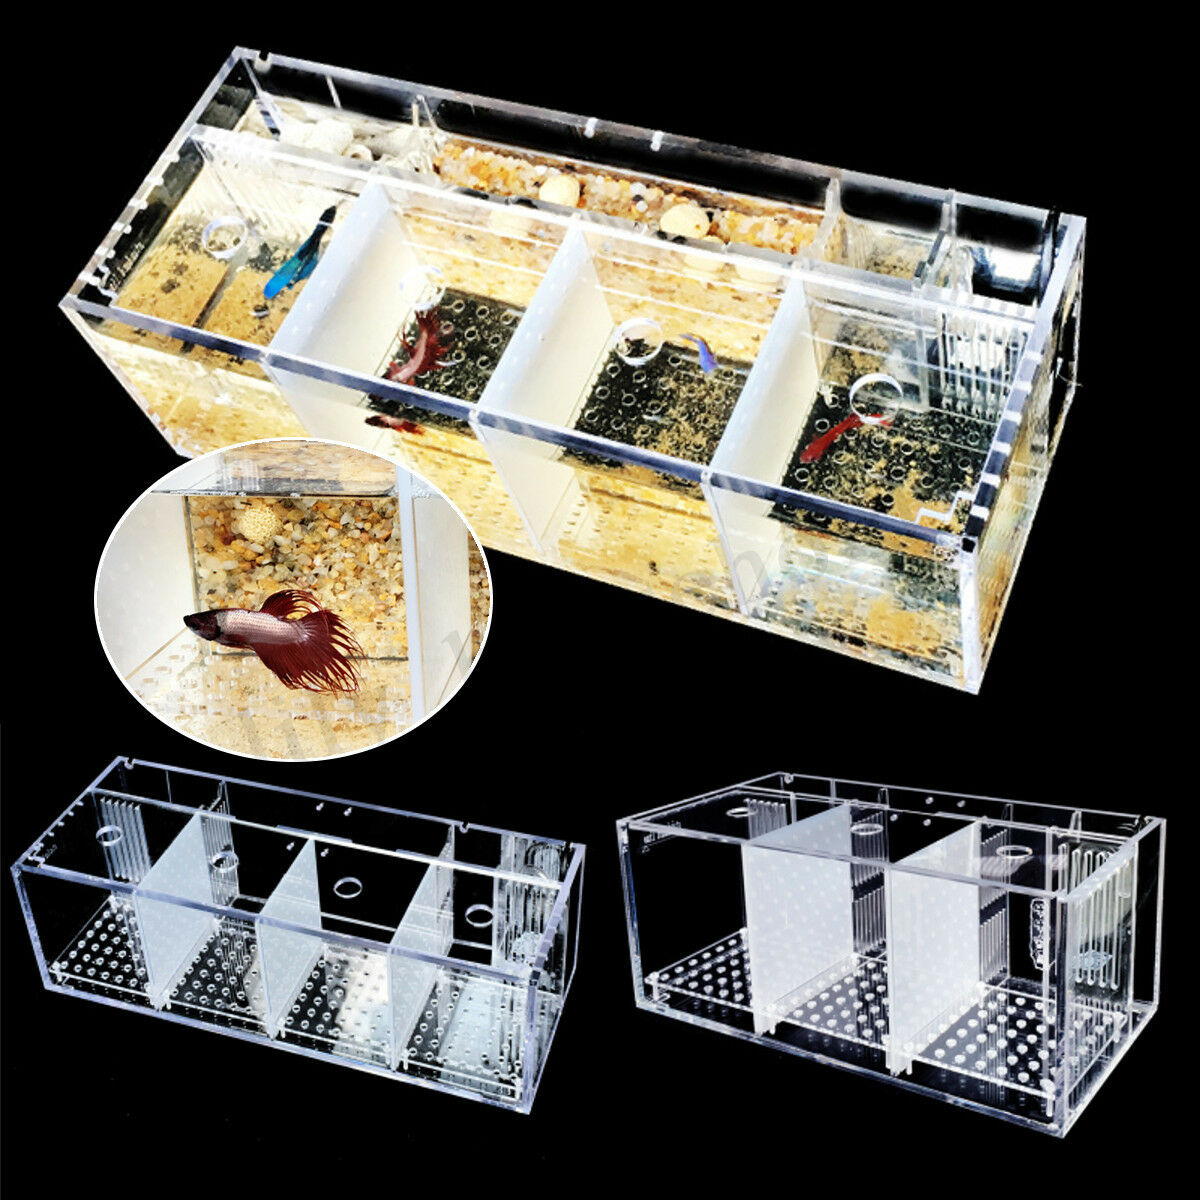 Aquarium Betta Fischzucht Baby Aufzucht Aquarien Brutkasten + Wasserpumpe